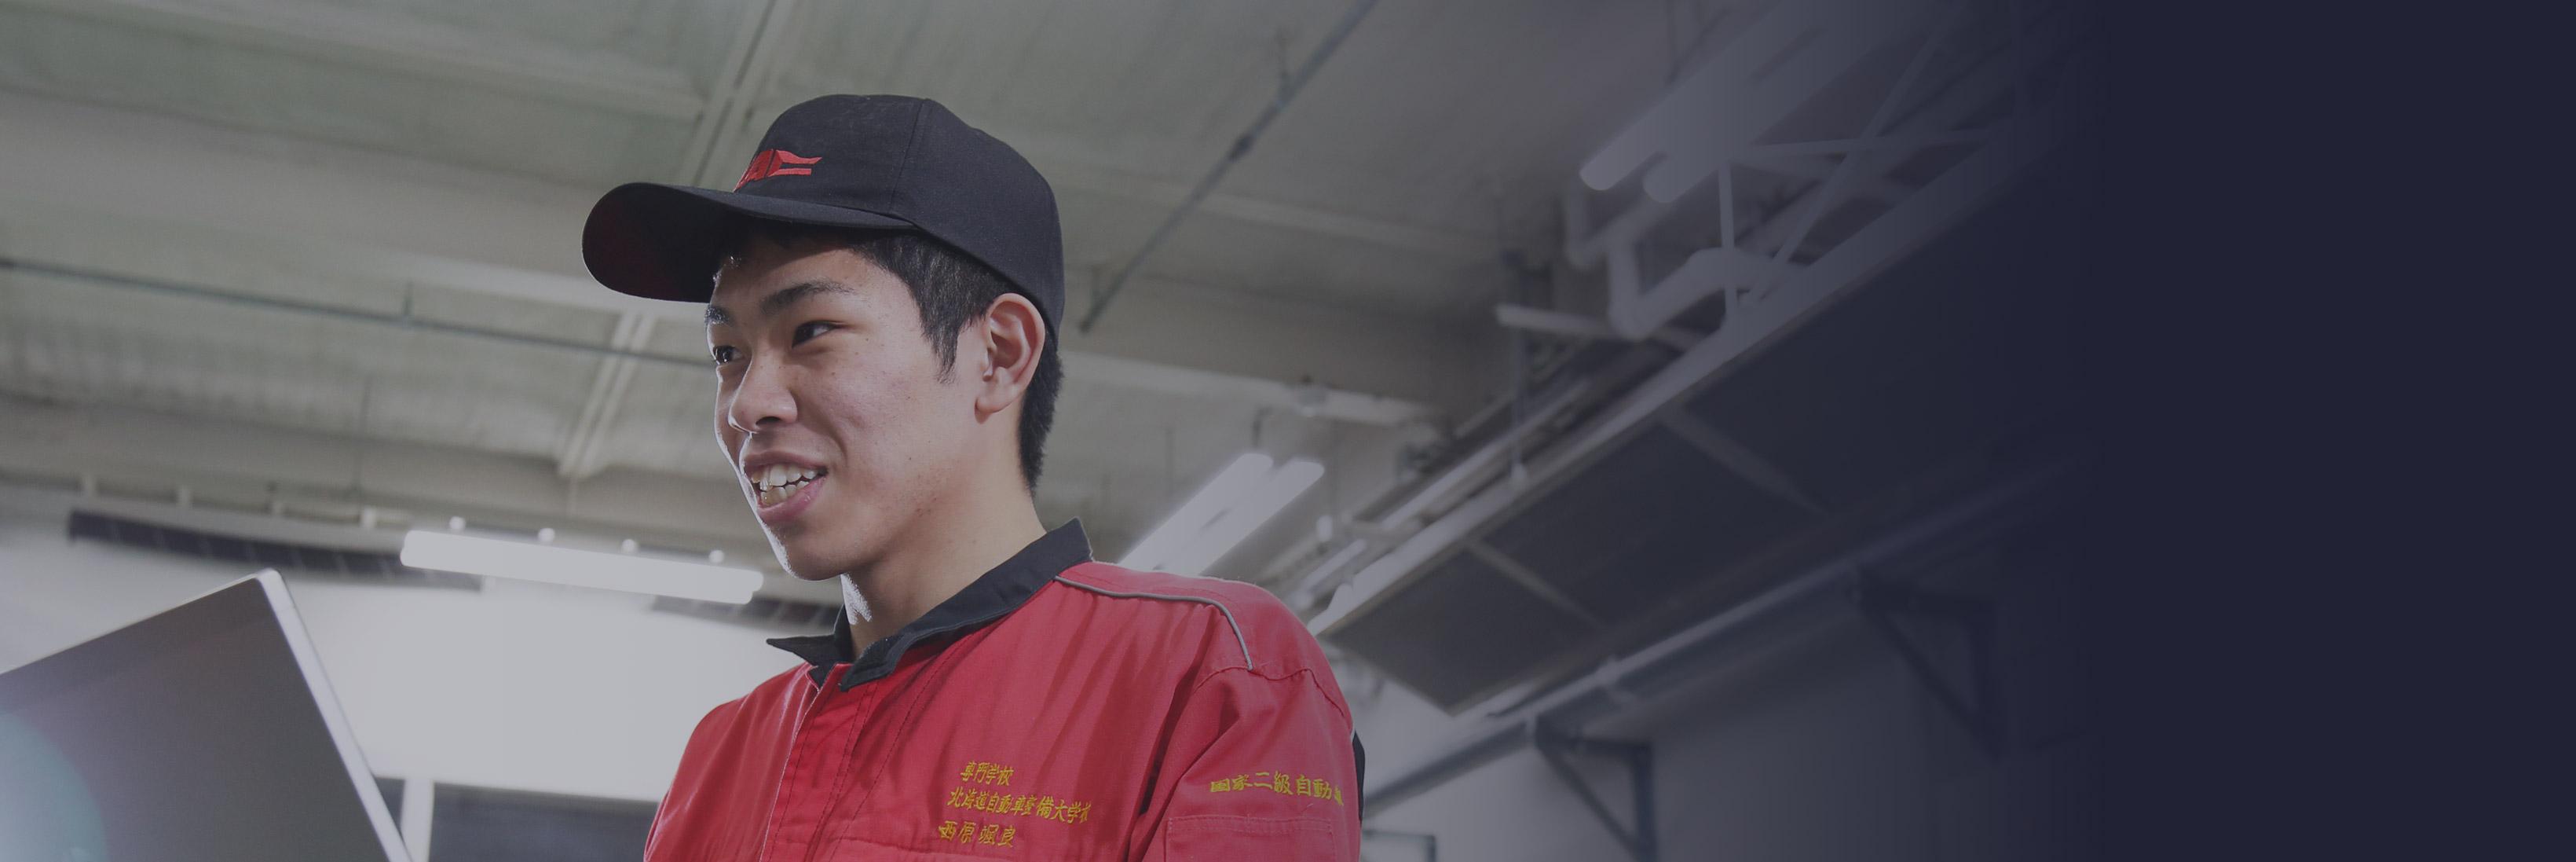 写真:自動車整備をしている様子